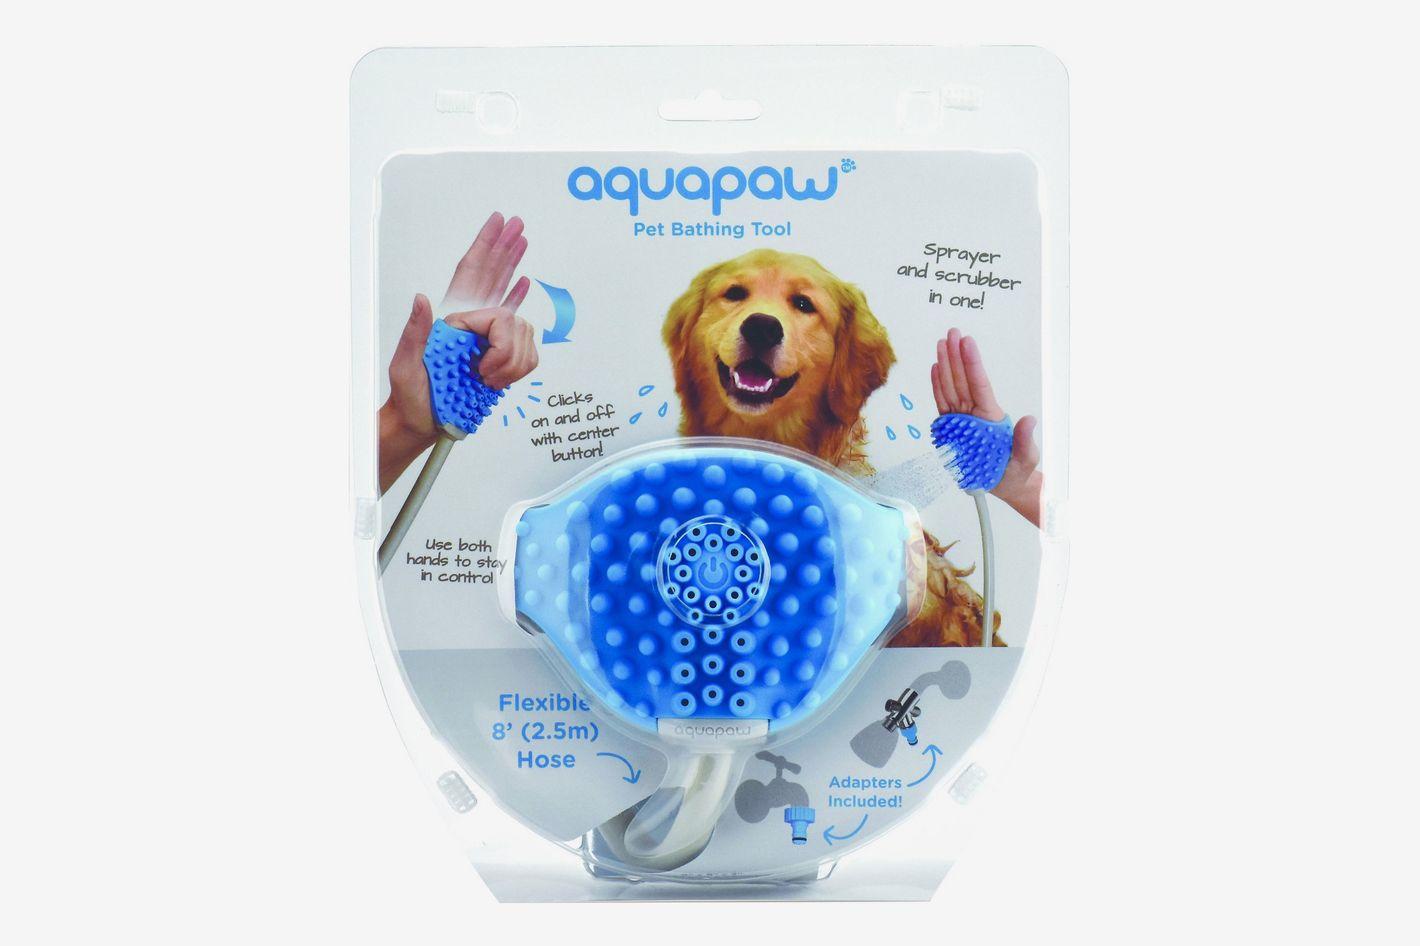 Aquapaw Pet Bathing Too